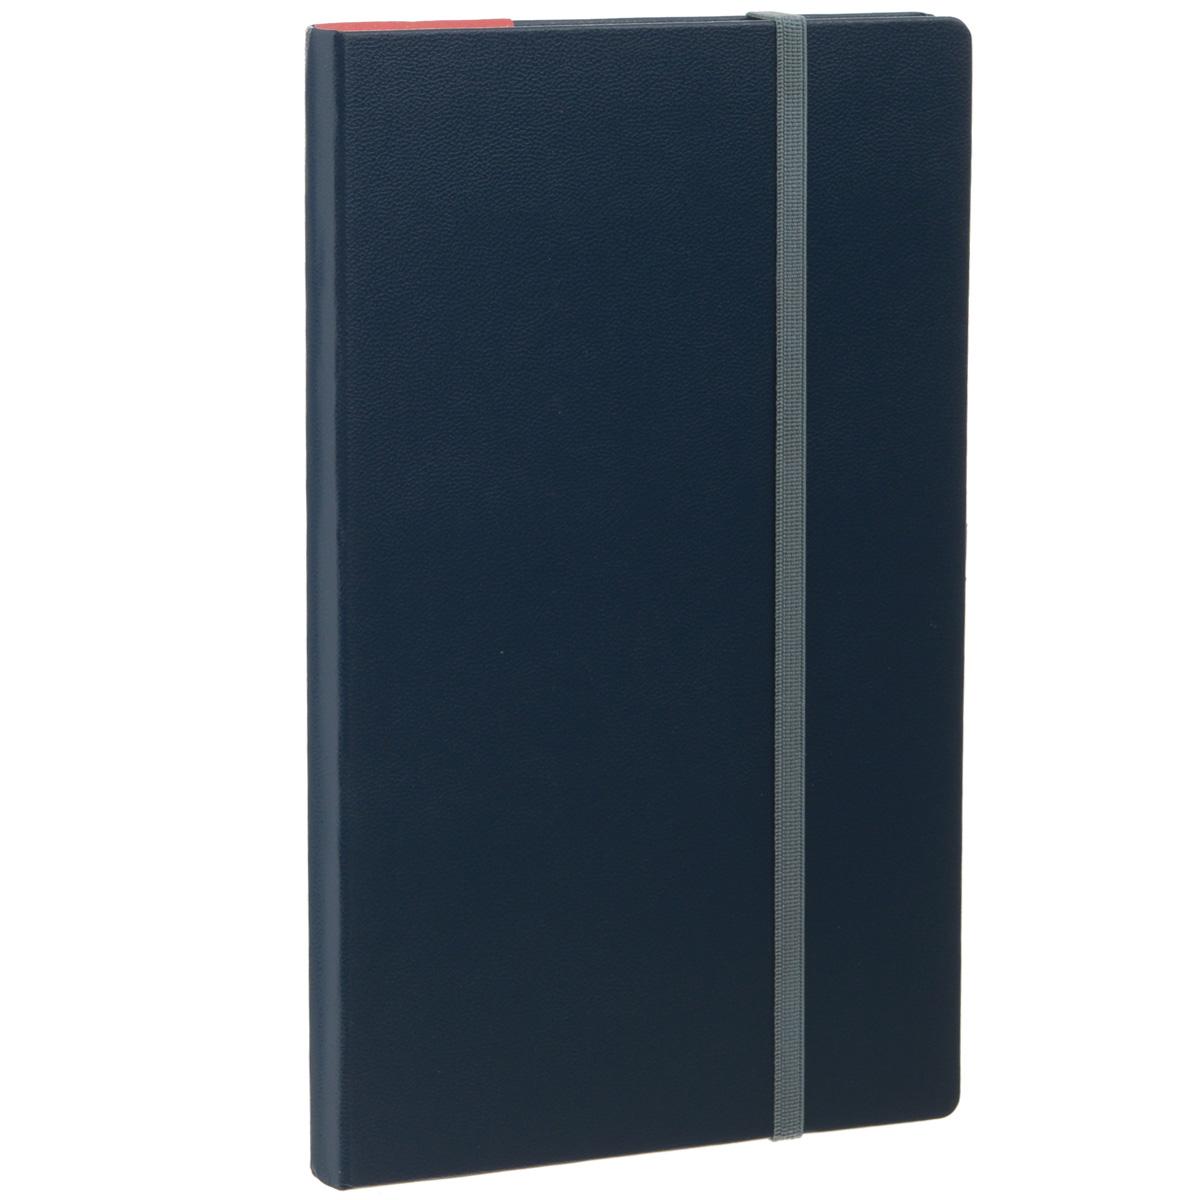 Записная книжка Erich Krause Ariane, цвет: темно-синий, 96 листов36753Записная книжка Erich Krause Ariane - это дополнительный штрих к вашему имиджу. Демократичная в своем содержании, книжка может быть использована не только для личных пометок и записей, но и как недатированный ежедневник. Надежная твердая обложка из плотного картона, обтянутого искусственной кожей, сохранит ее в аккуратном состоянии на протяжении всего времени использования. Плотная в линейку бумага белого цвета, закладка-ляссе, практичные скругленные углы, эластичная петелька для ручки и внутренний бумажный карман на задней обложке - все это обеспечит вам истинное удовольствие от письма. В начале книжки имеется страничка для заполнения личных данных владельца, четыре страницы для заполнения адресов, телефонов и интернет-почты и четыре страницы для заполнения сайтов и ссылок. Благодаря небольшому формату книжку легко взять с собой. Записная книжка плотно закрывается при помощи фиксирующей резинки.